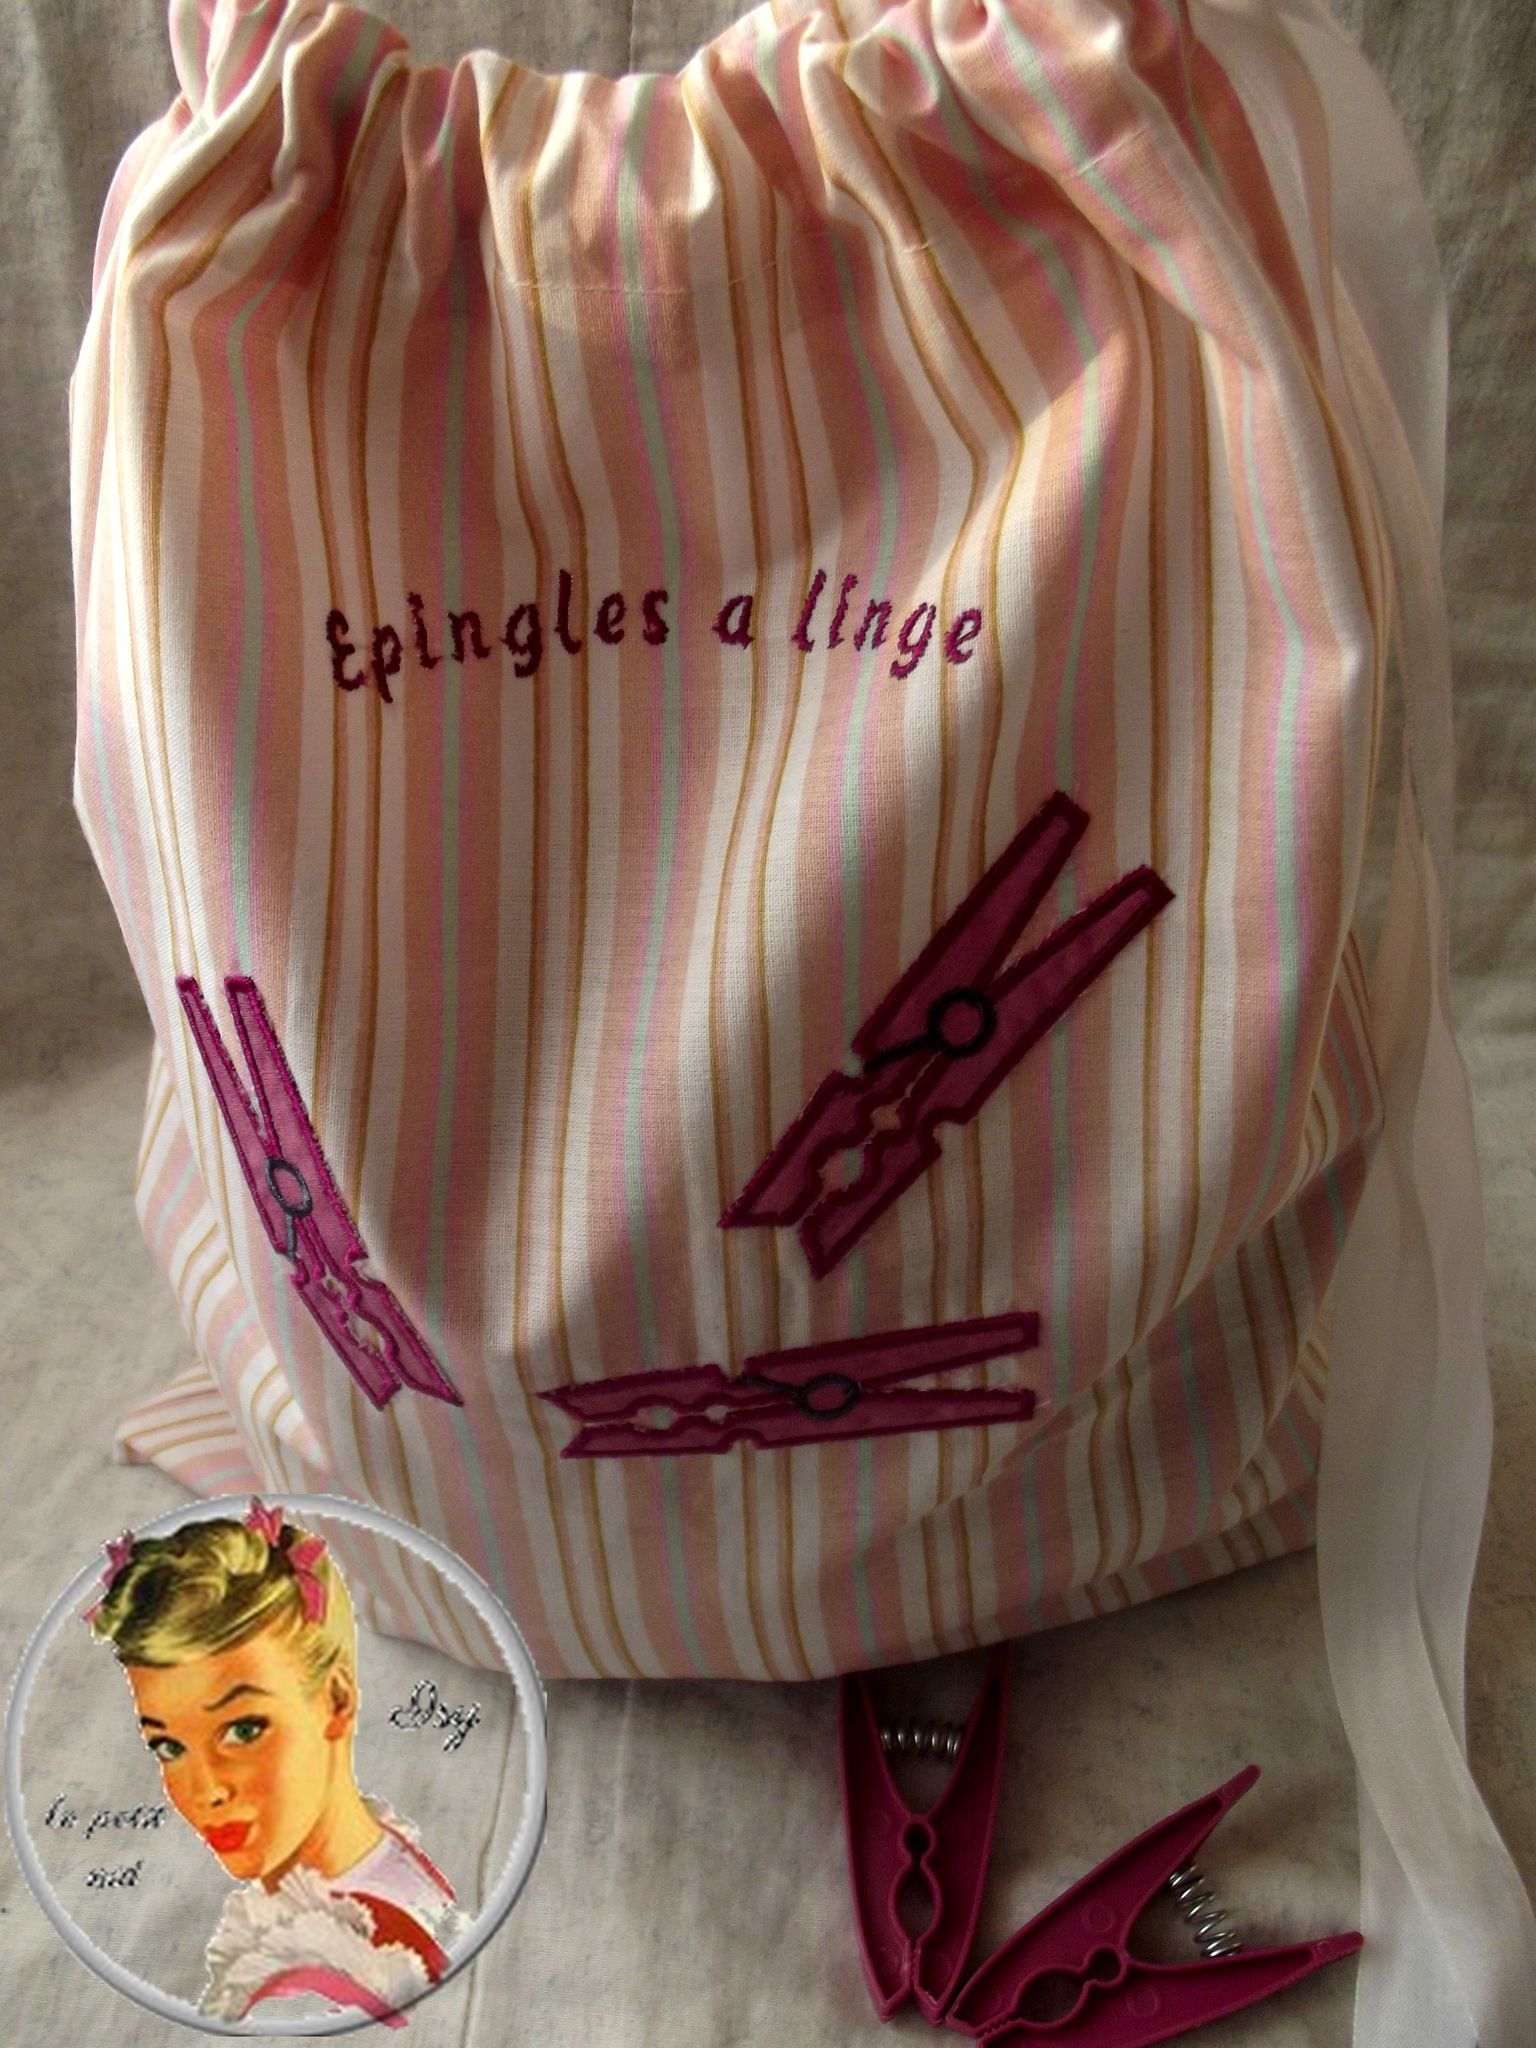 _pingles___linge2